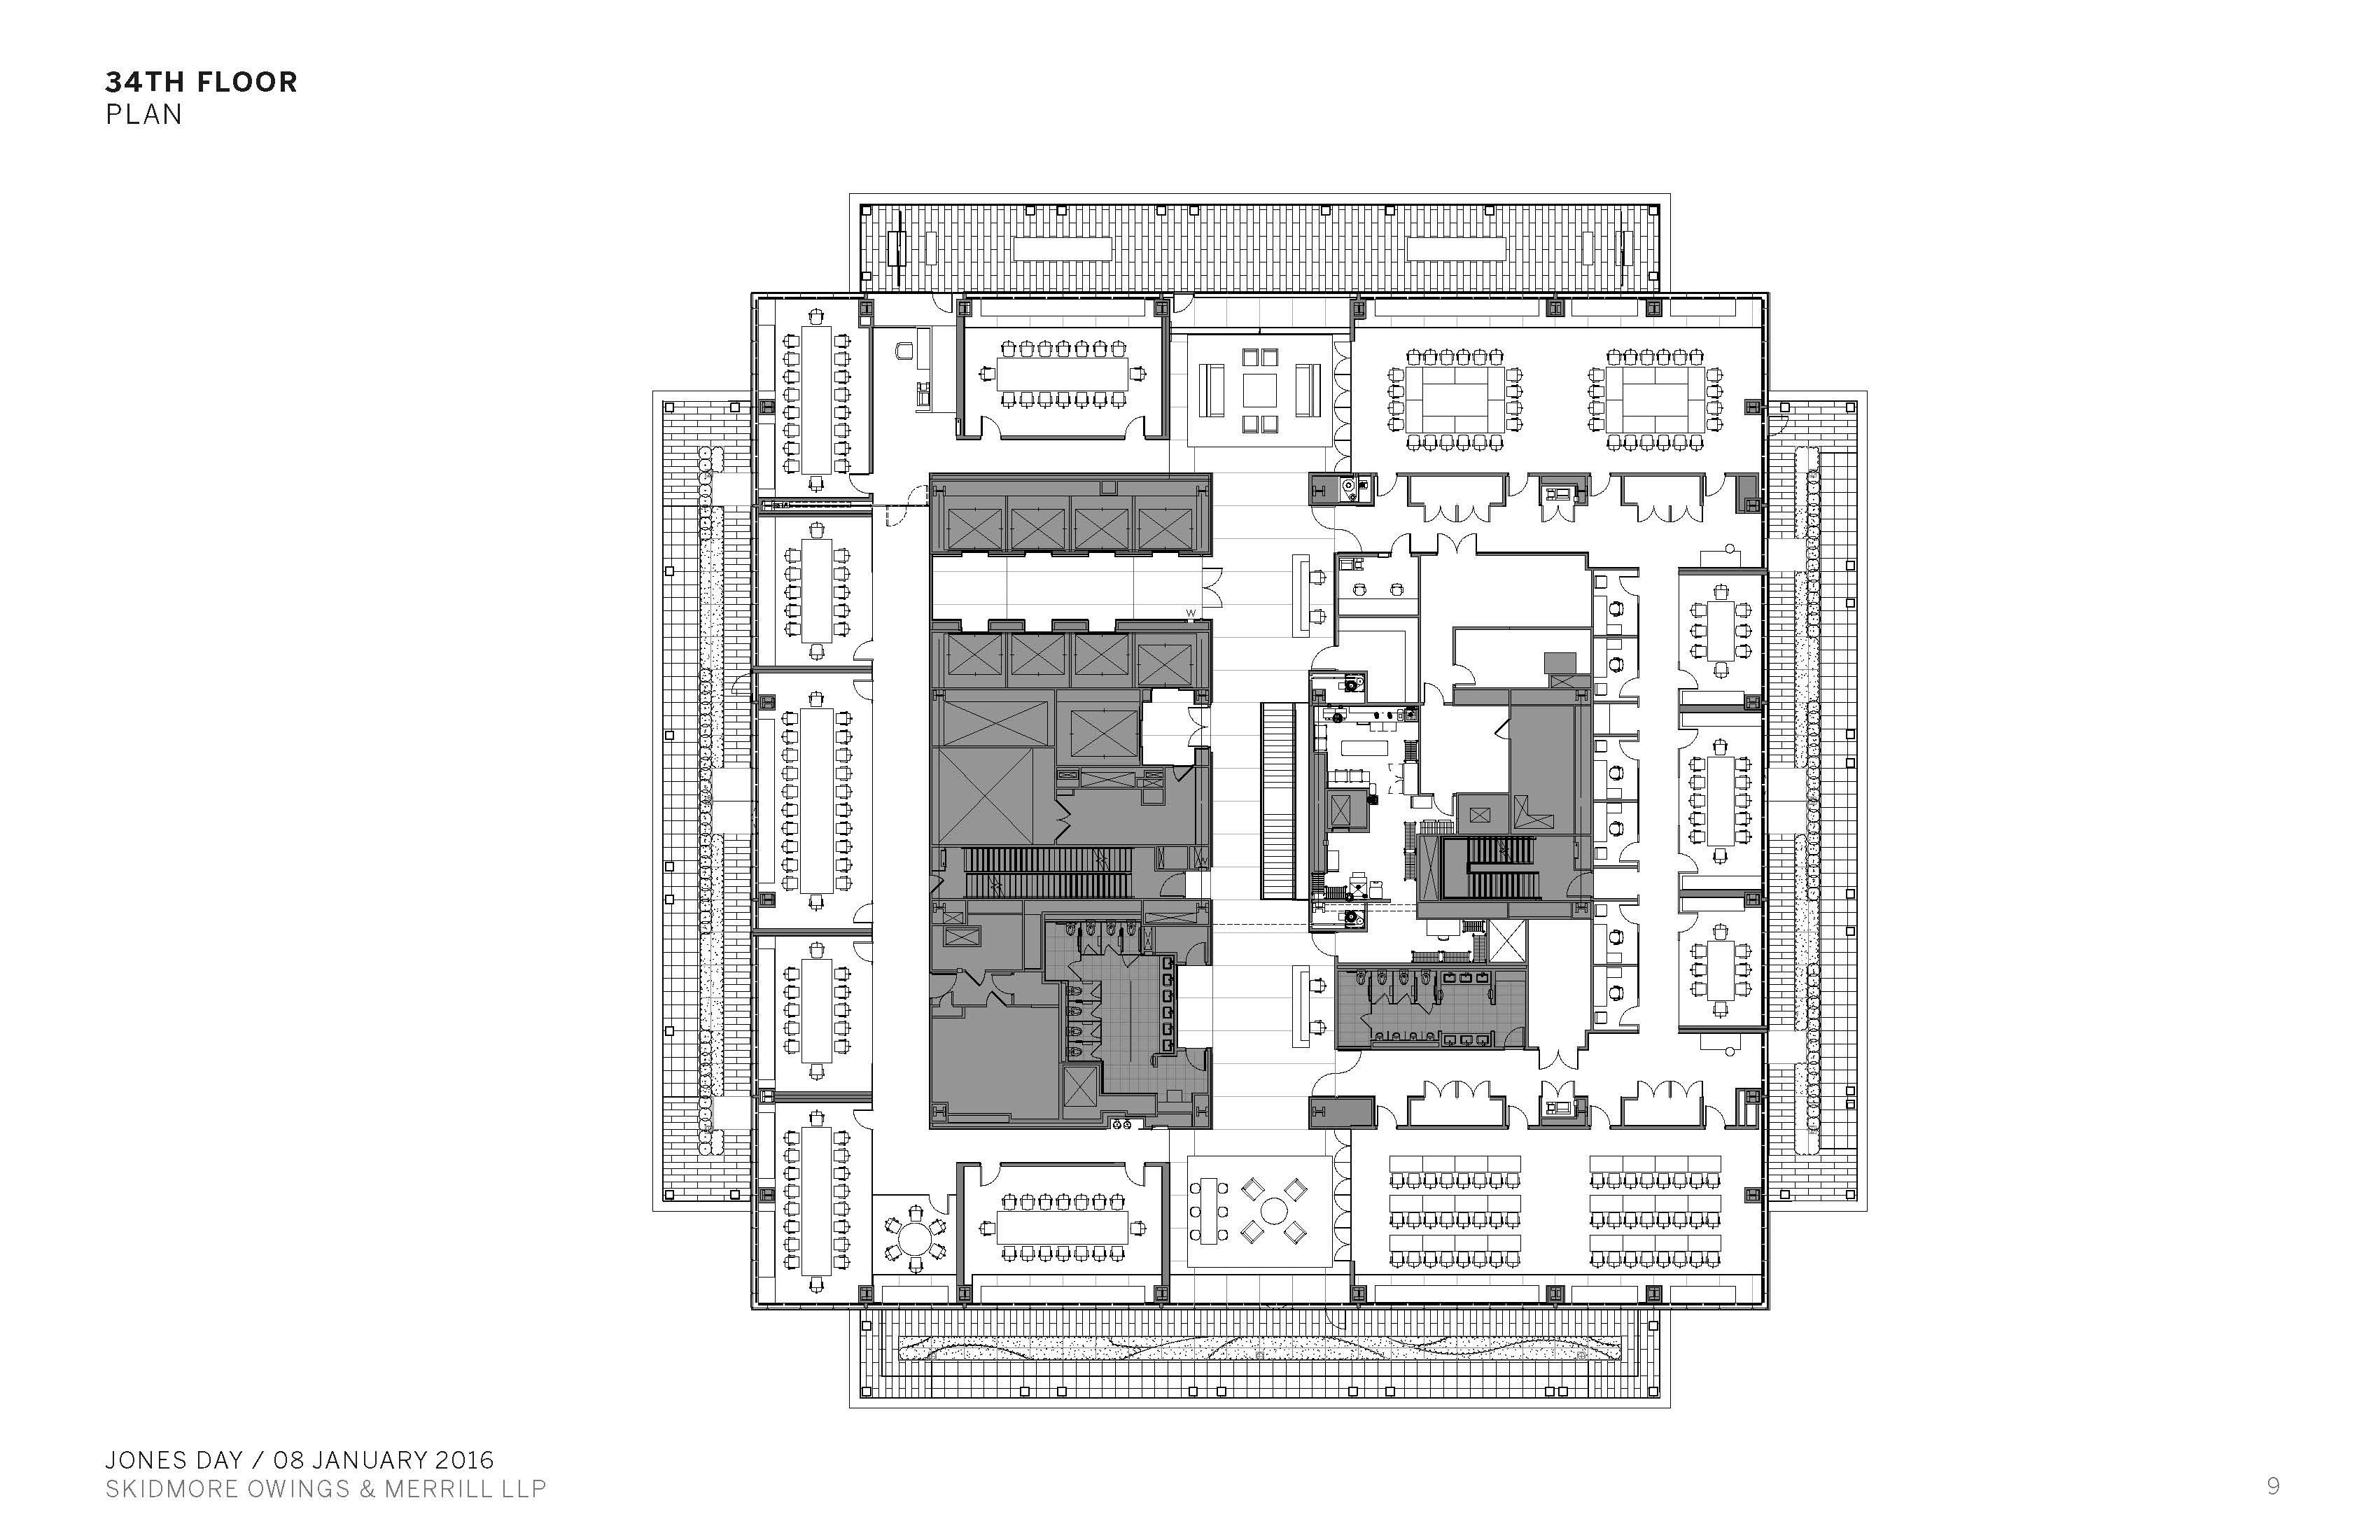 Floor 34 }